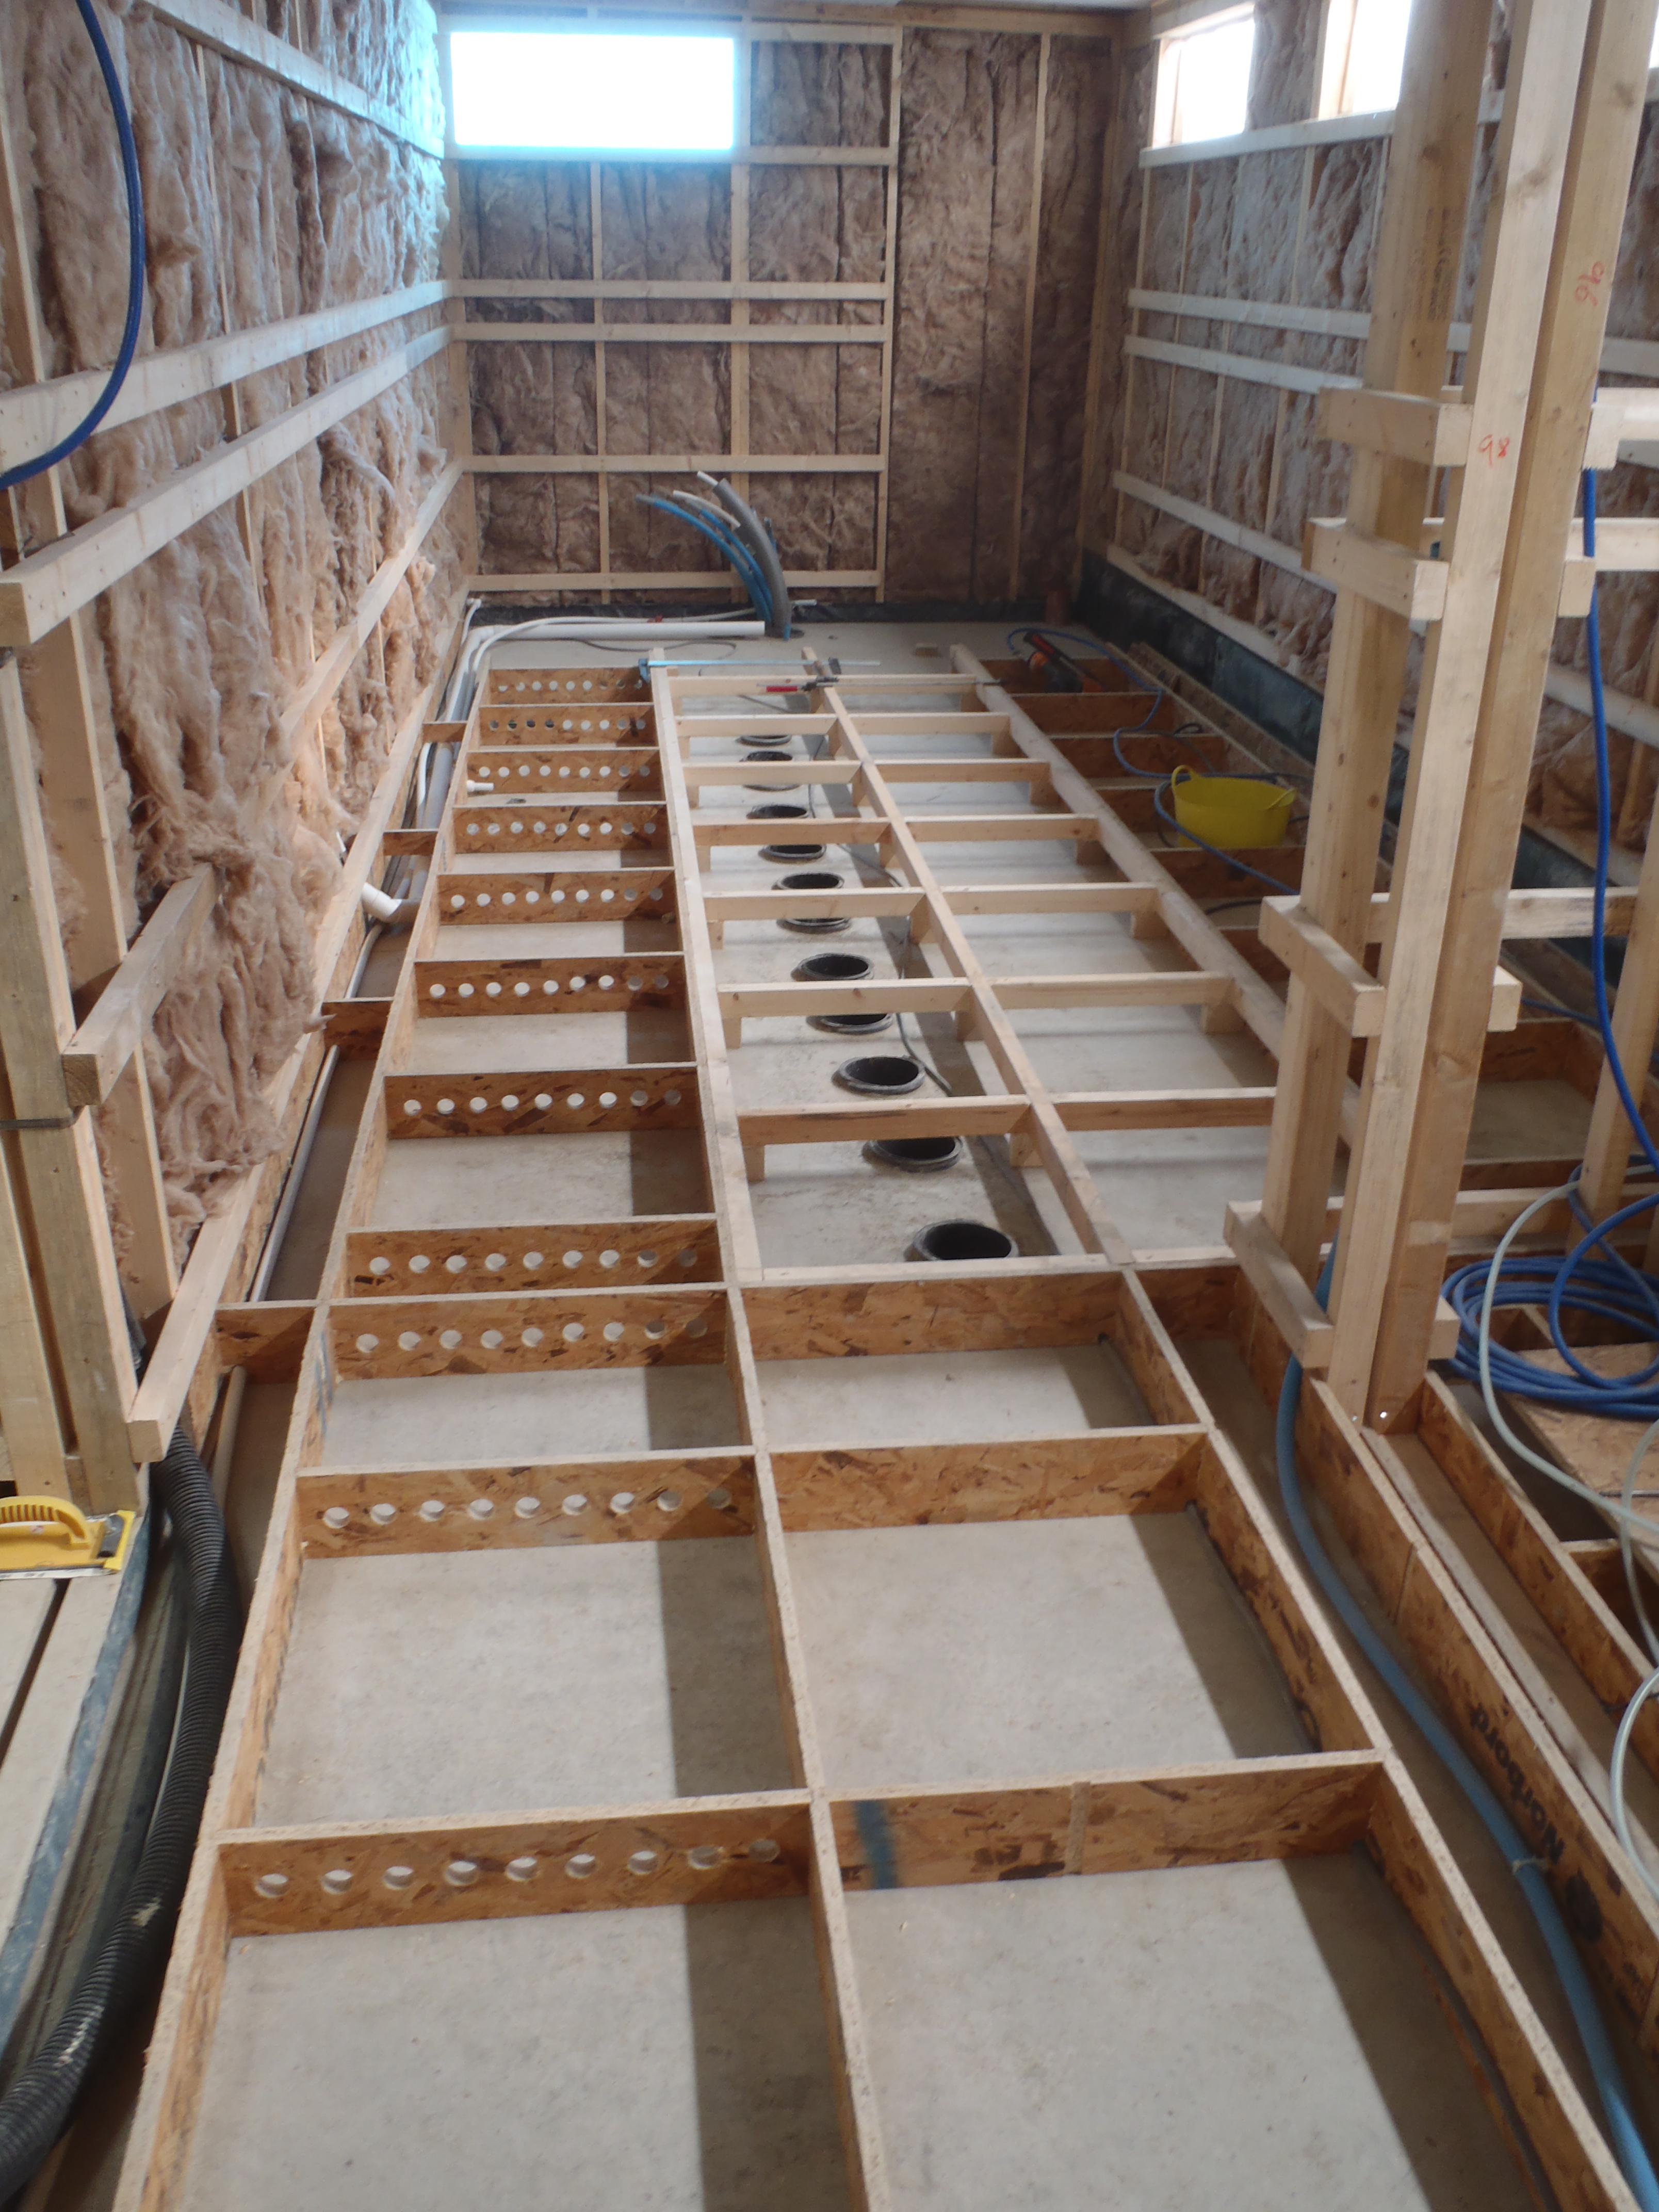 Garden Room Floor Framing